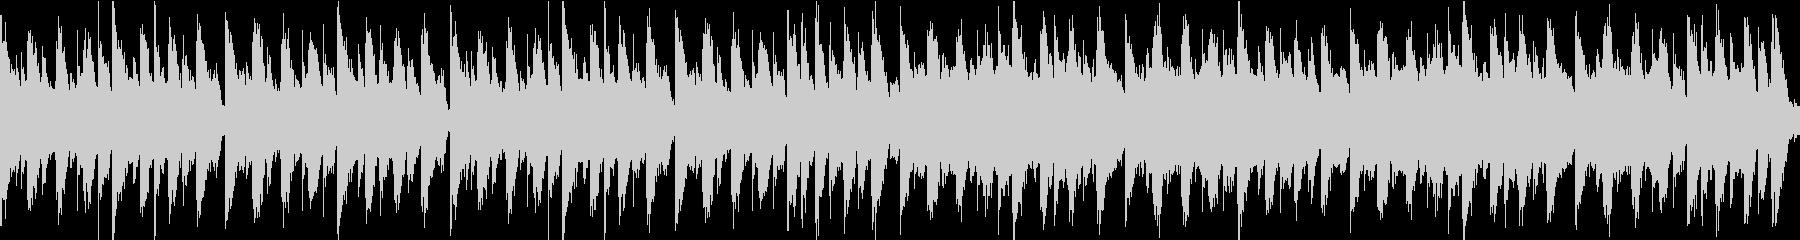 コミカルオーケストラ/ループ仕様の未再生の波形